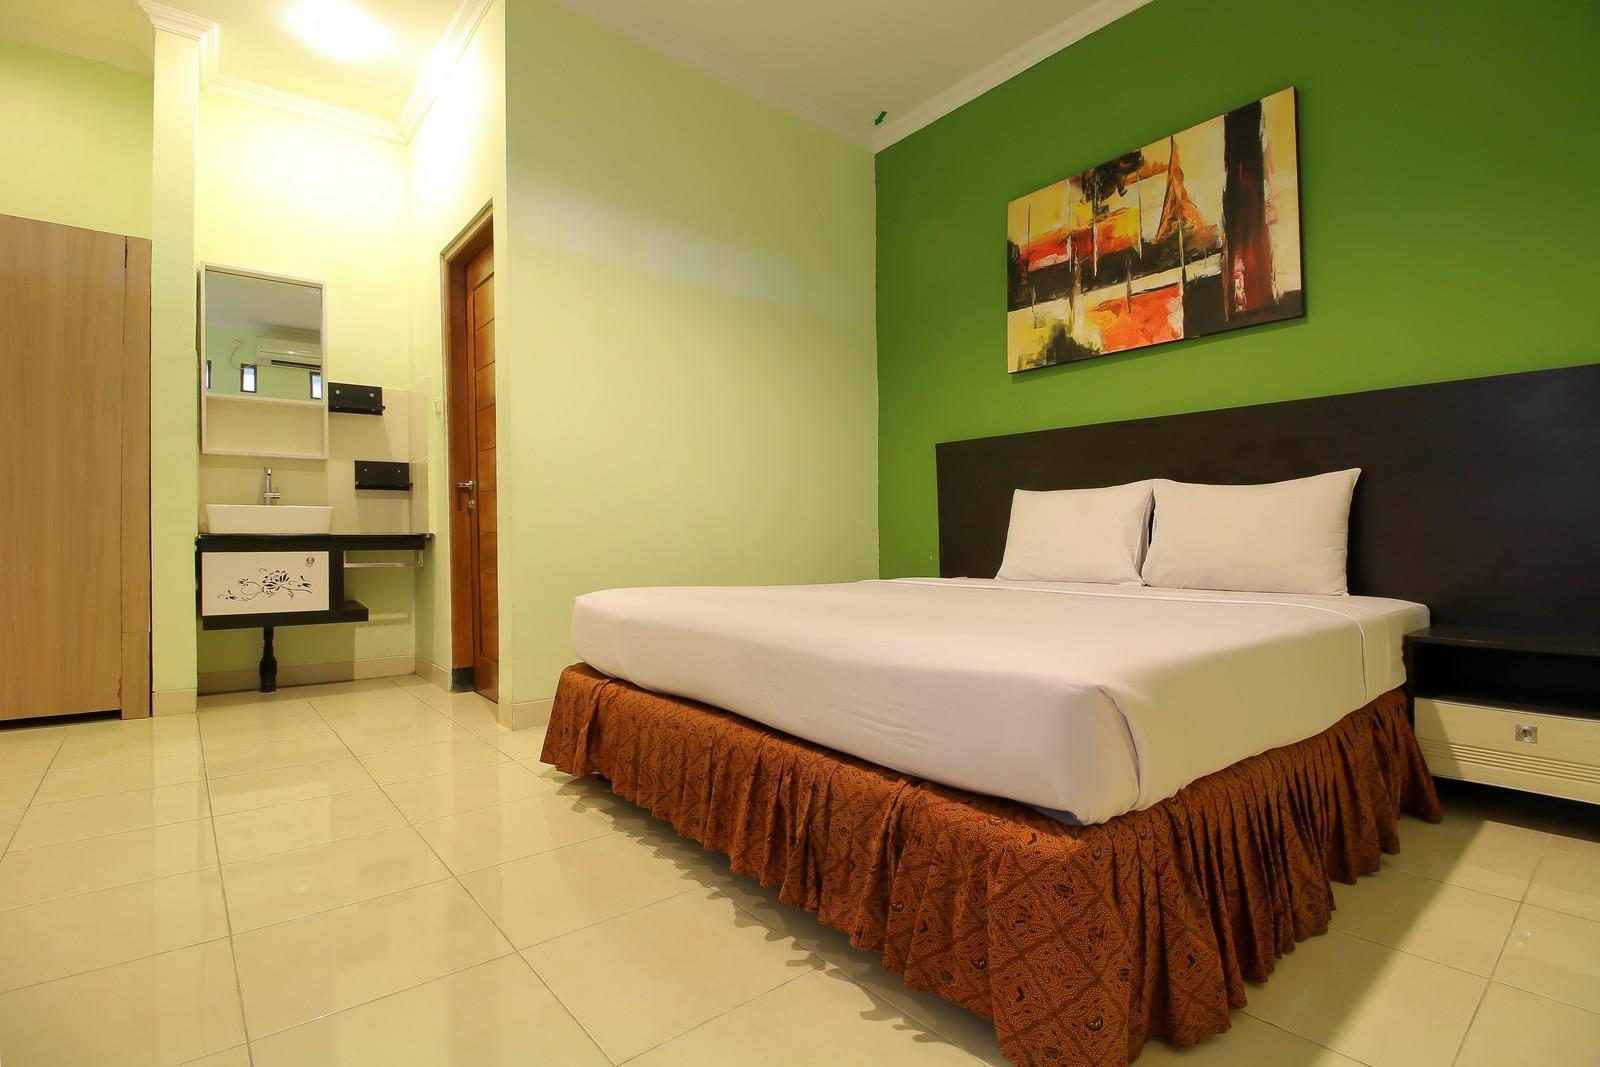 Cailendra Extension, Yogyakarta